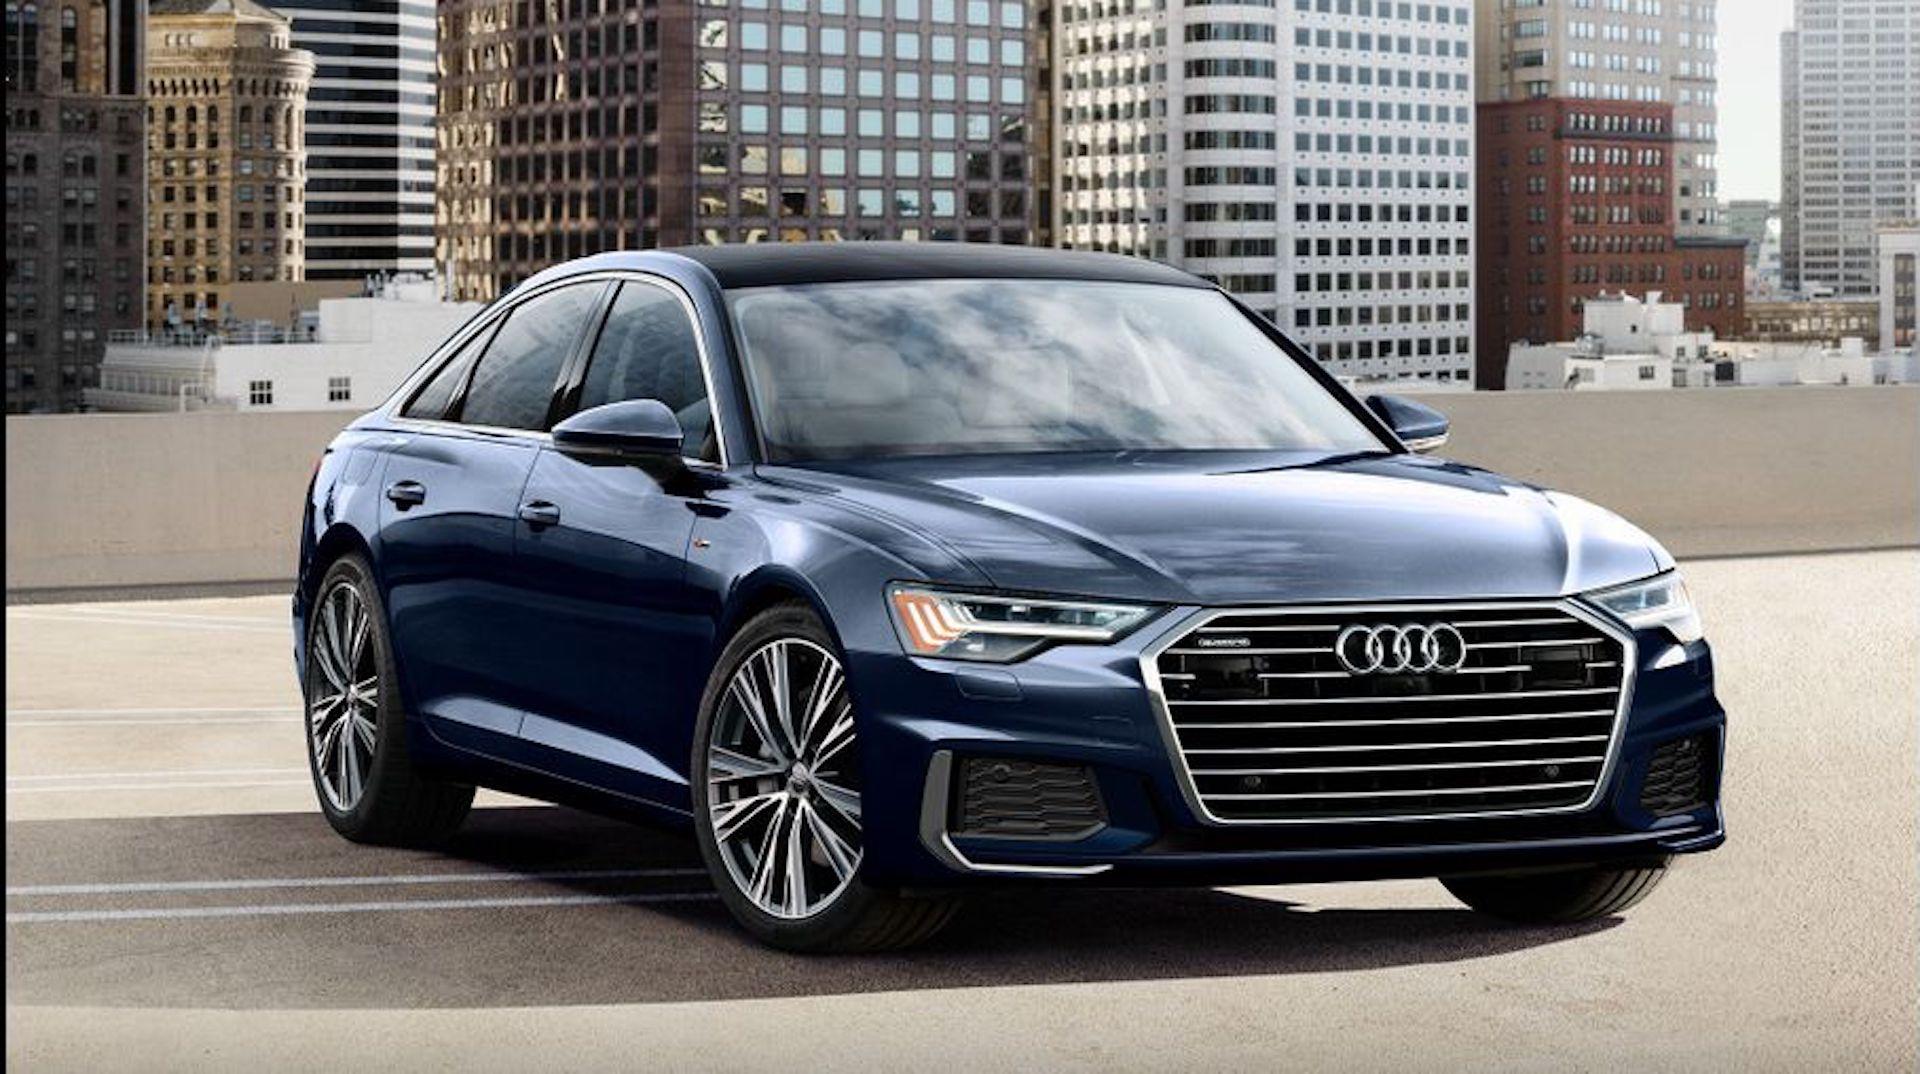 2019 Audi A6 3.0 Premium